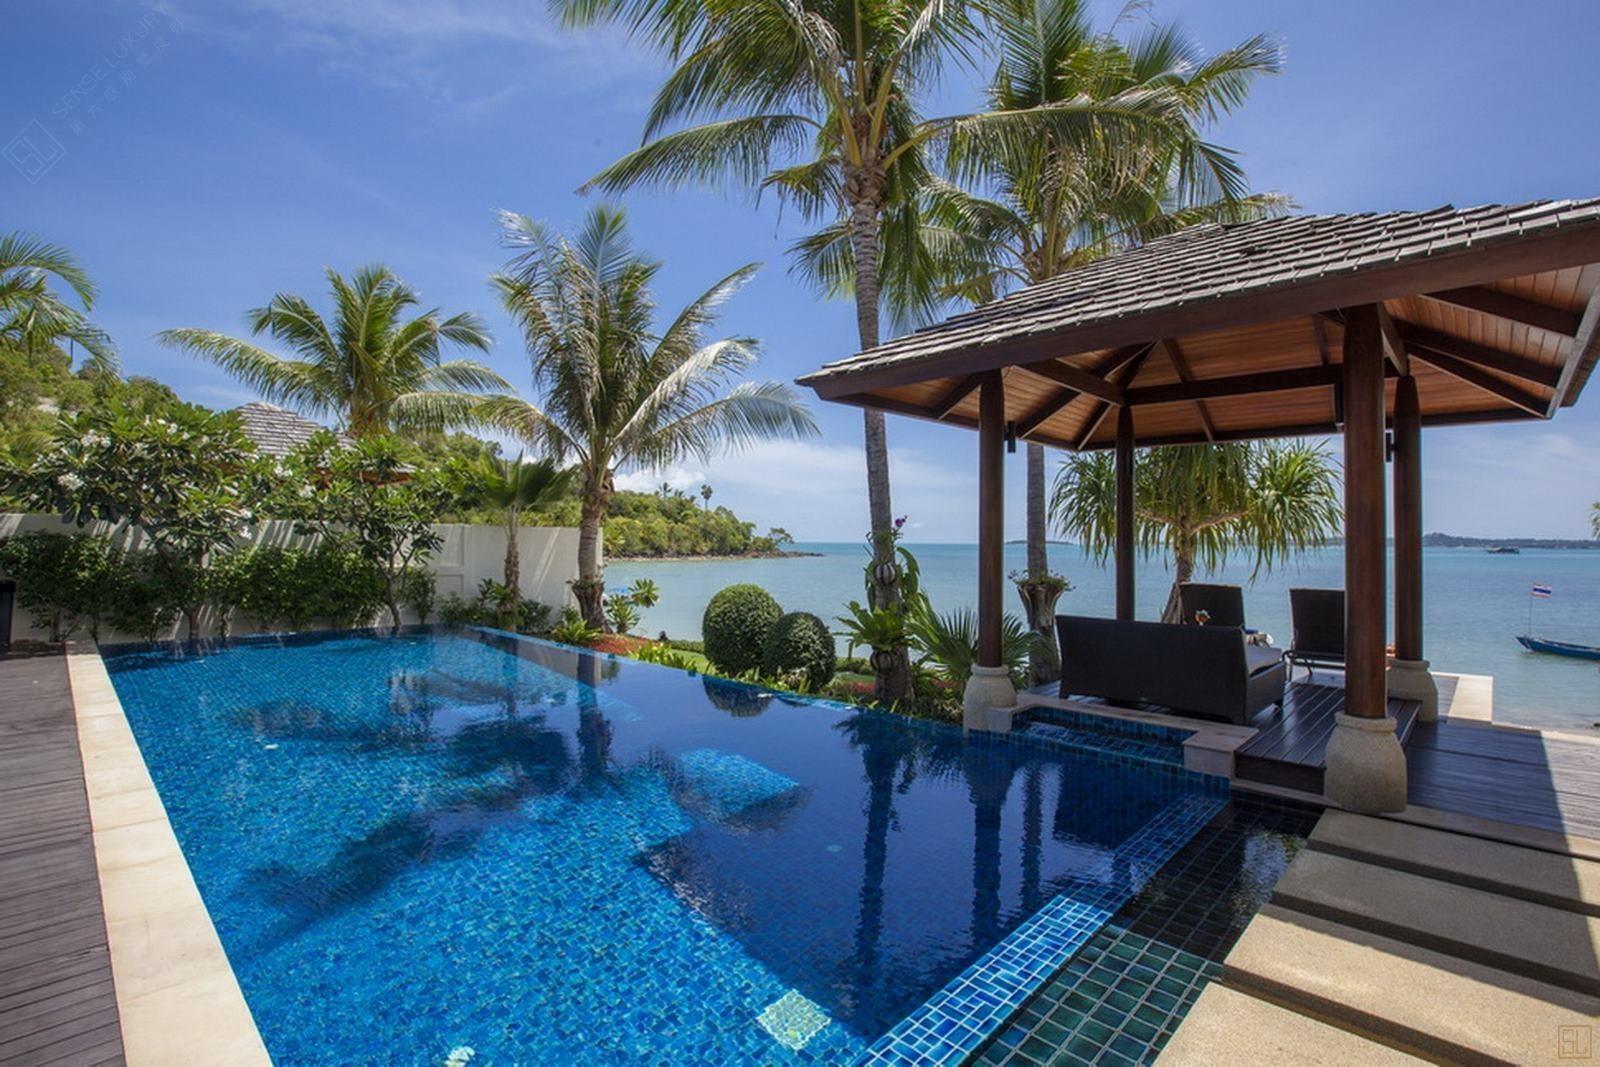 泰国苏梅岛乐拉瓦蒂别墅海景